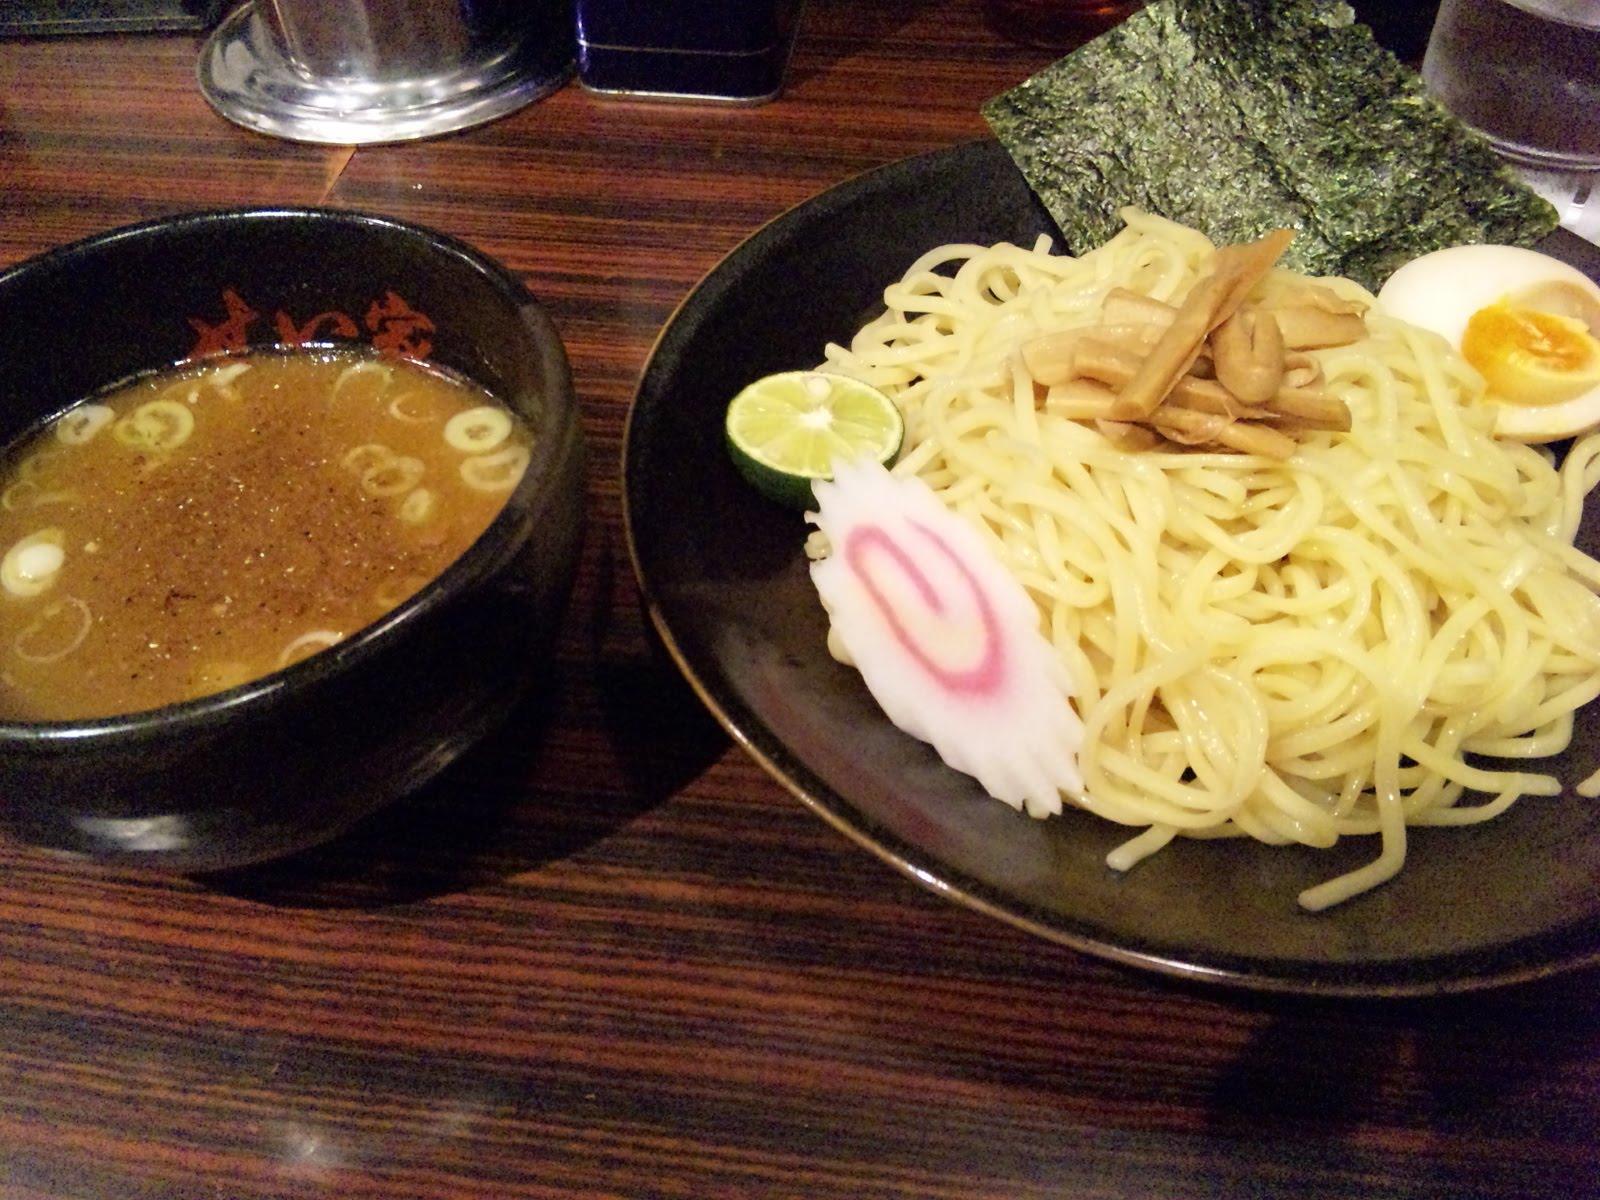 つけ麺の画像 p1_34